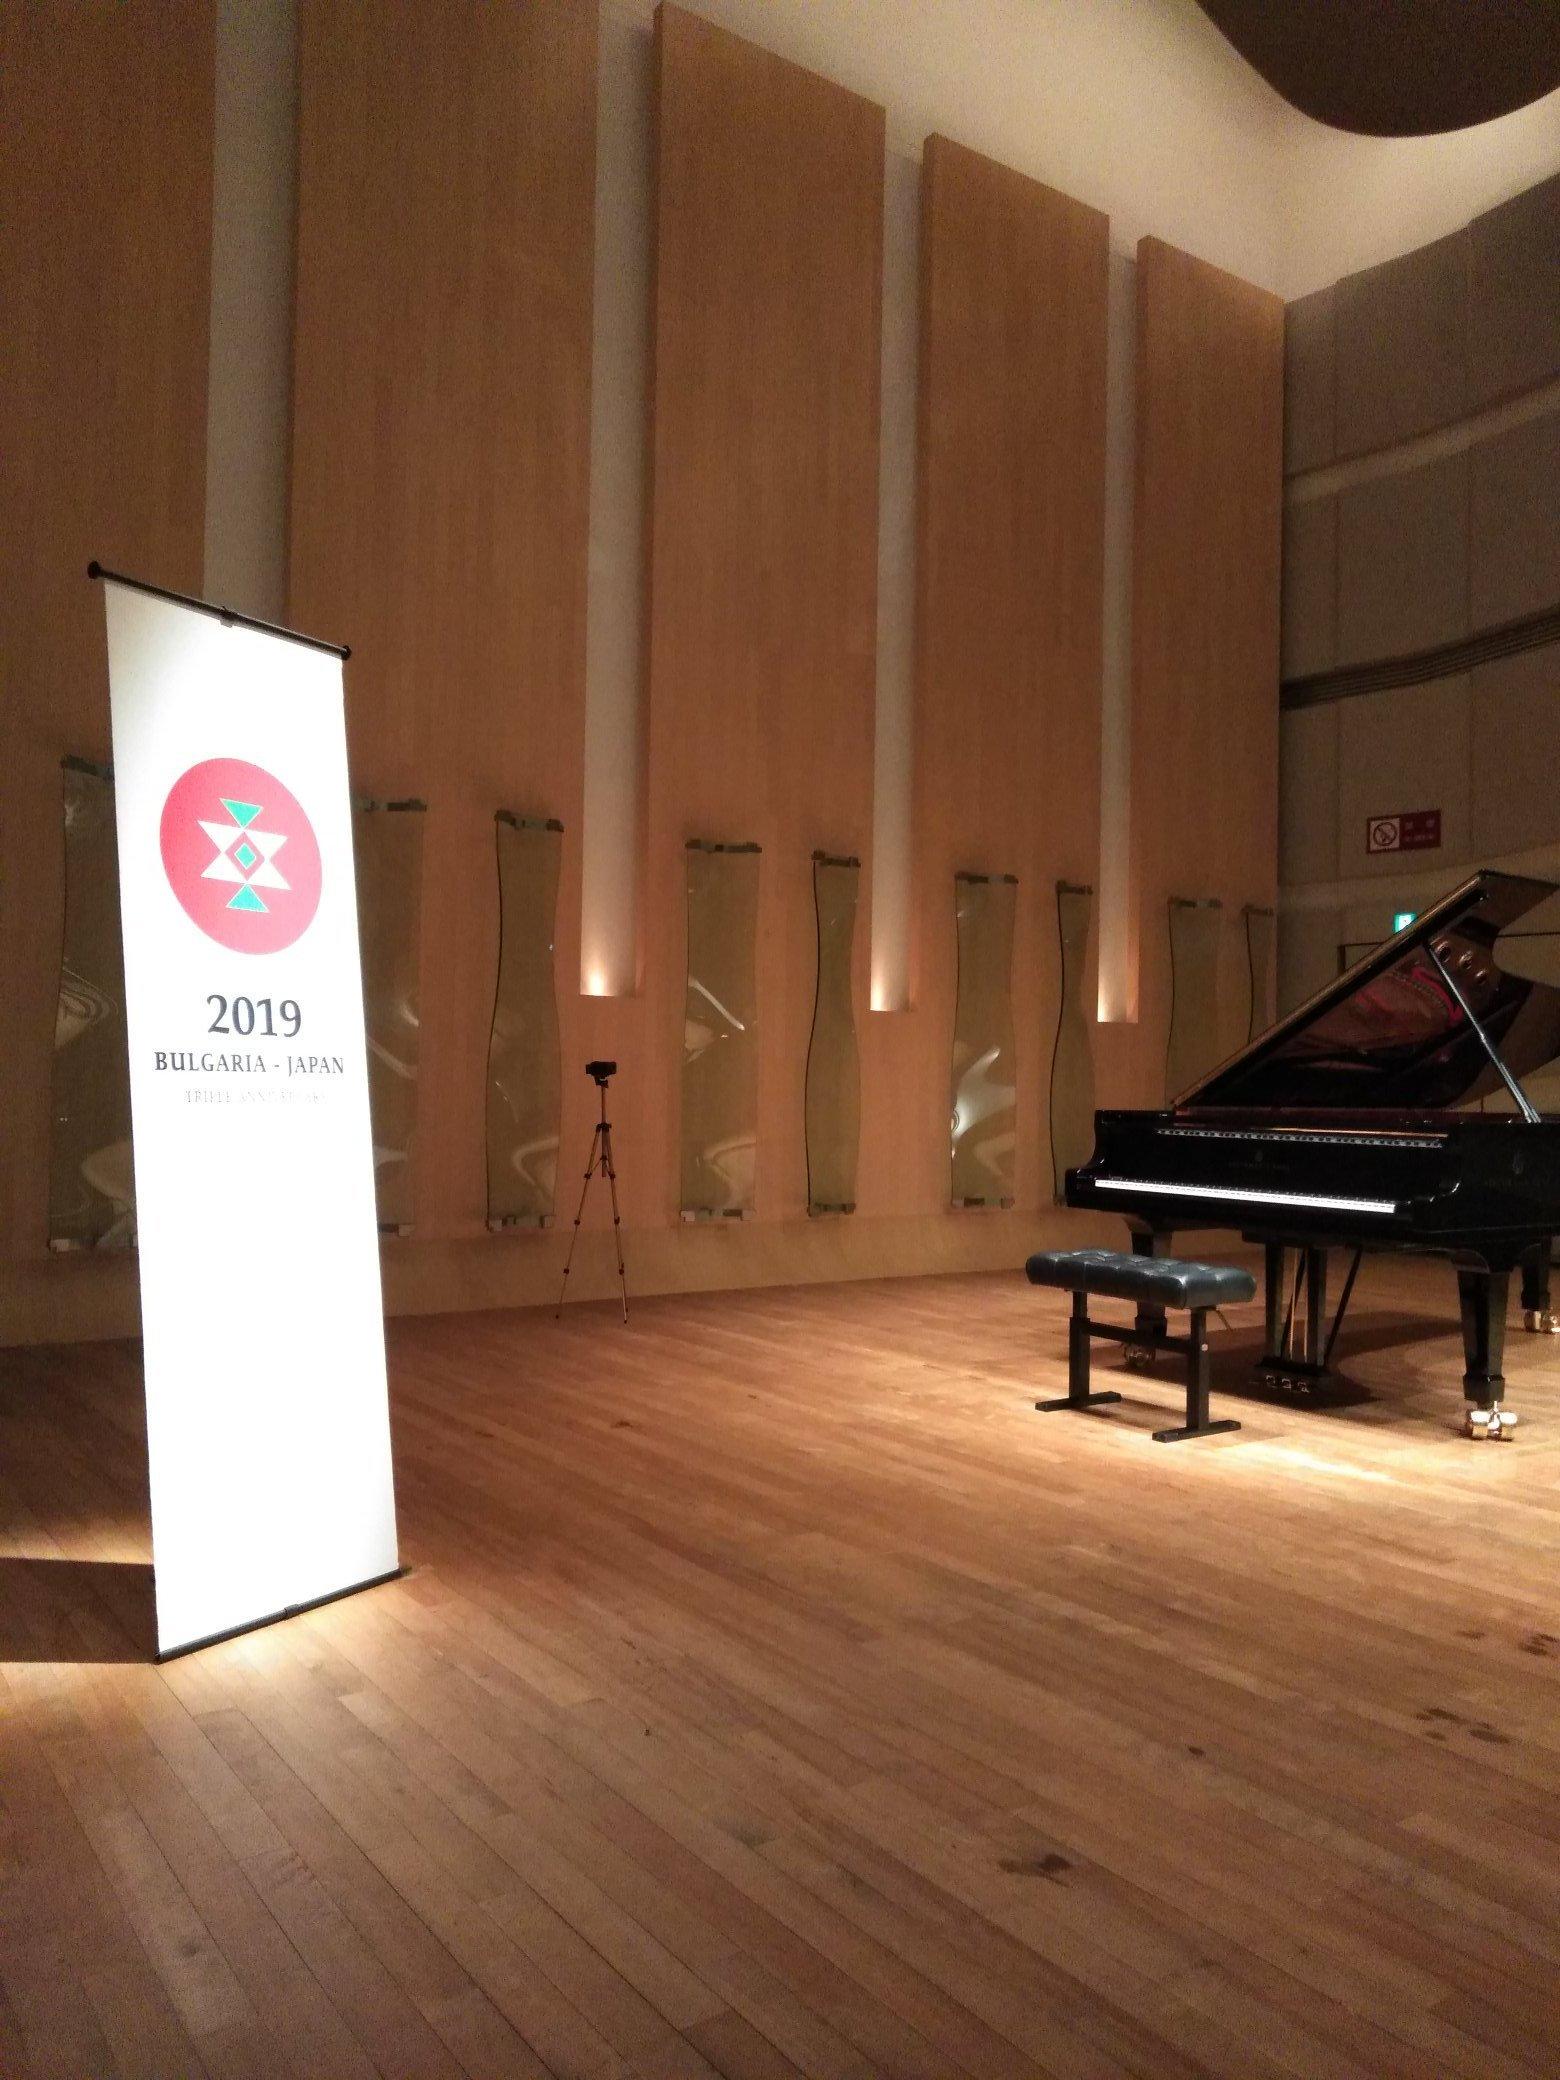 ジェニー・ザハリエヴァさんのピアノリサイタル_e0253932_02541194.jpg